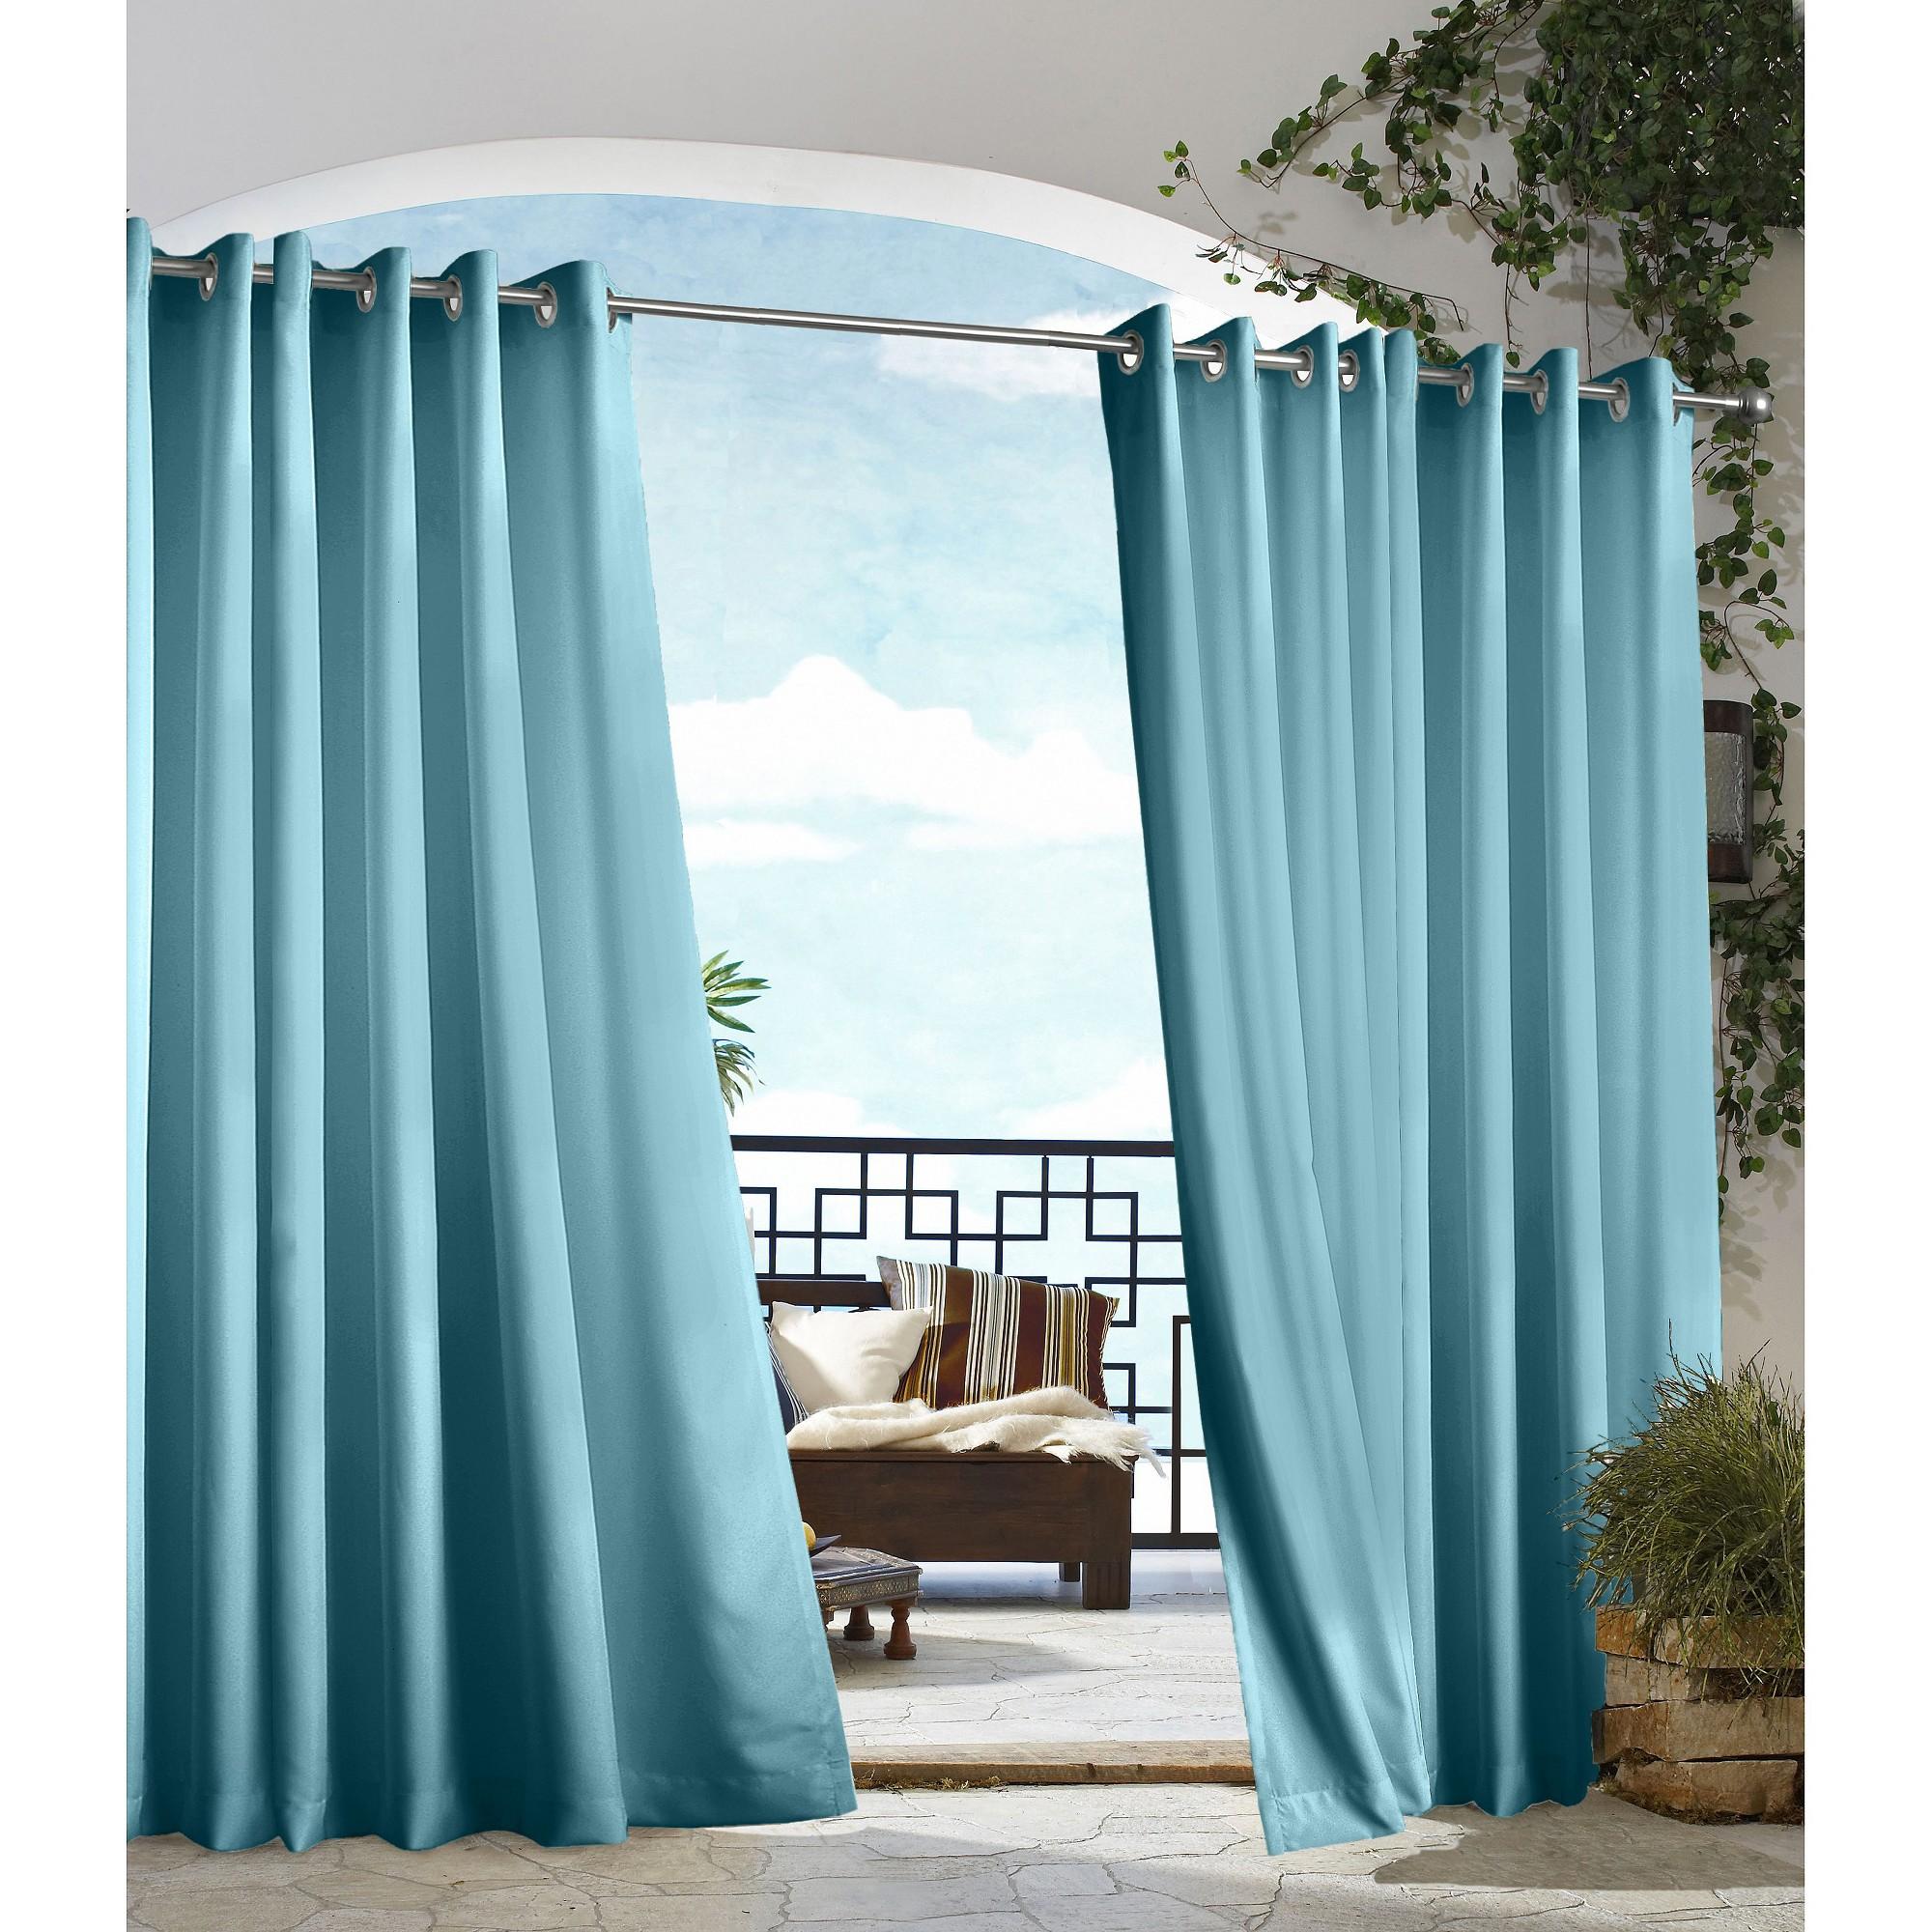 Outdoor Decor Gazebo Solid Indoor Outdoor Grommet Top Curtain Panel